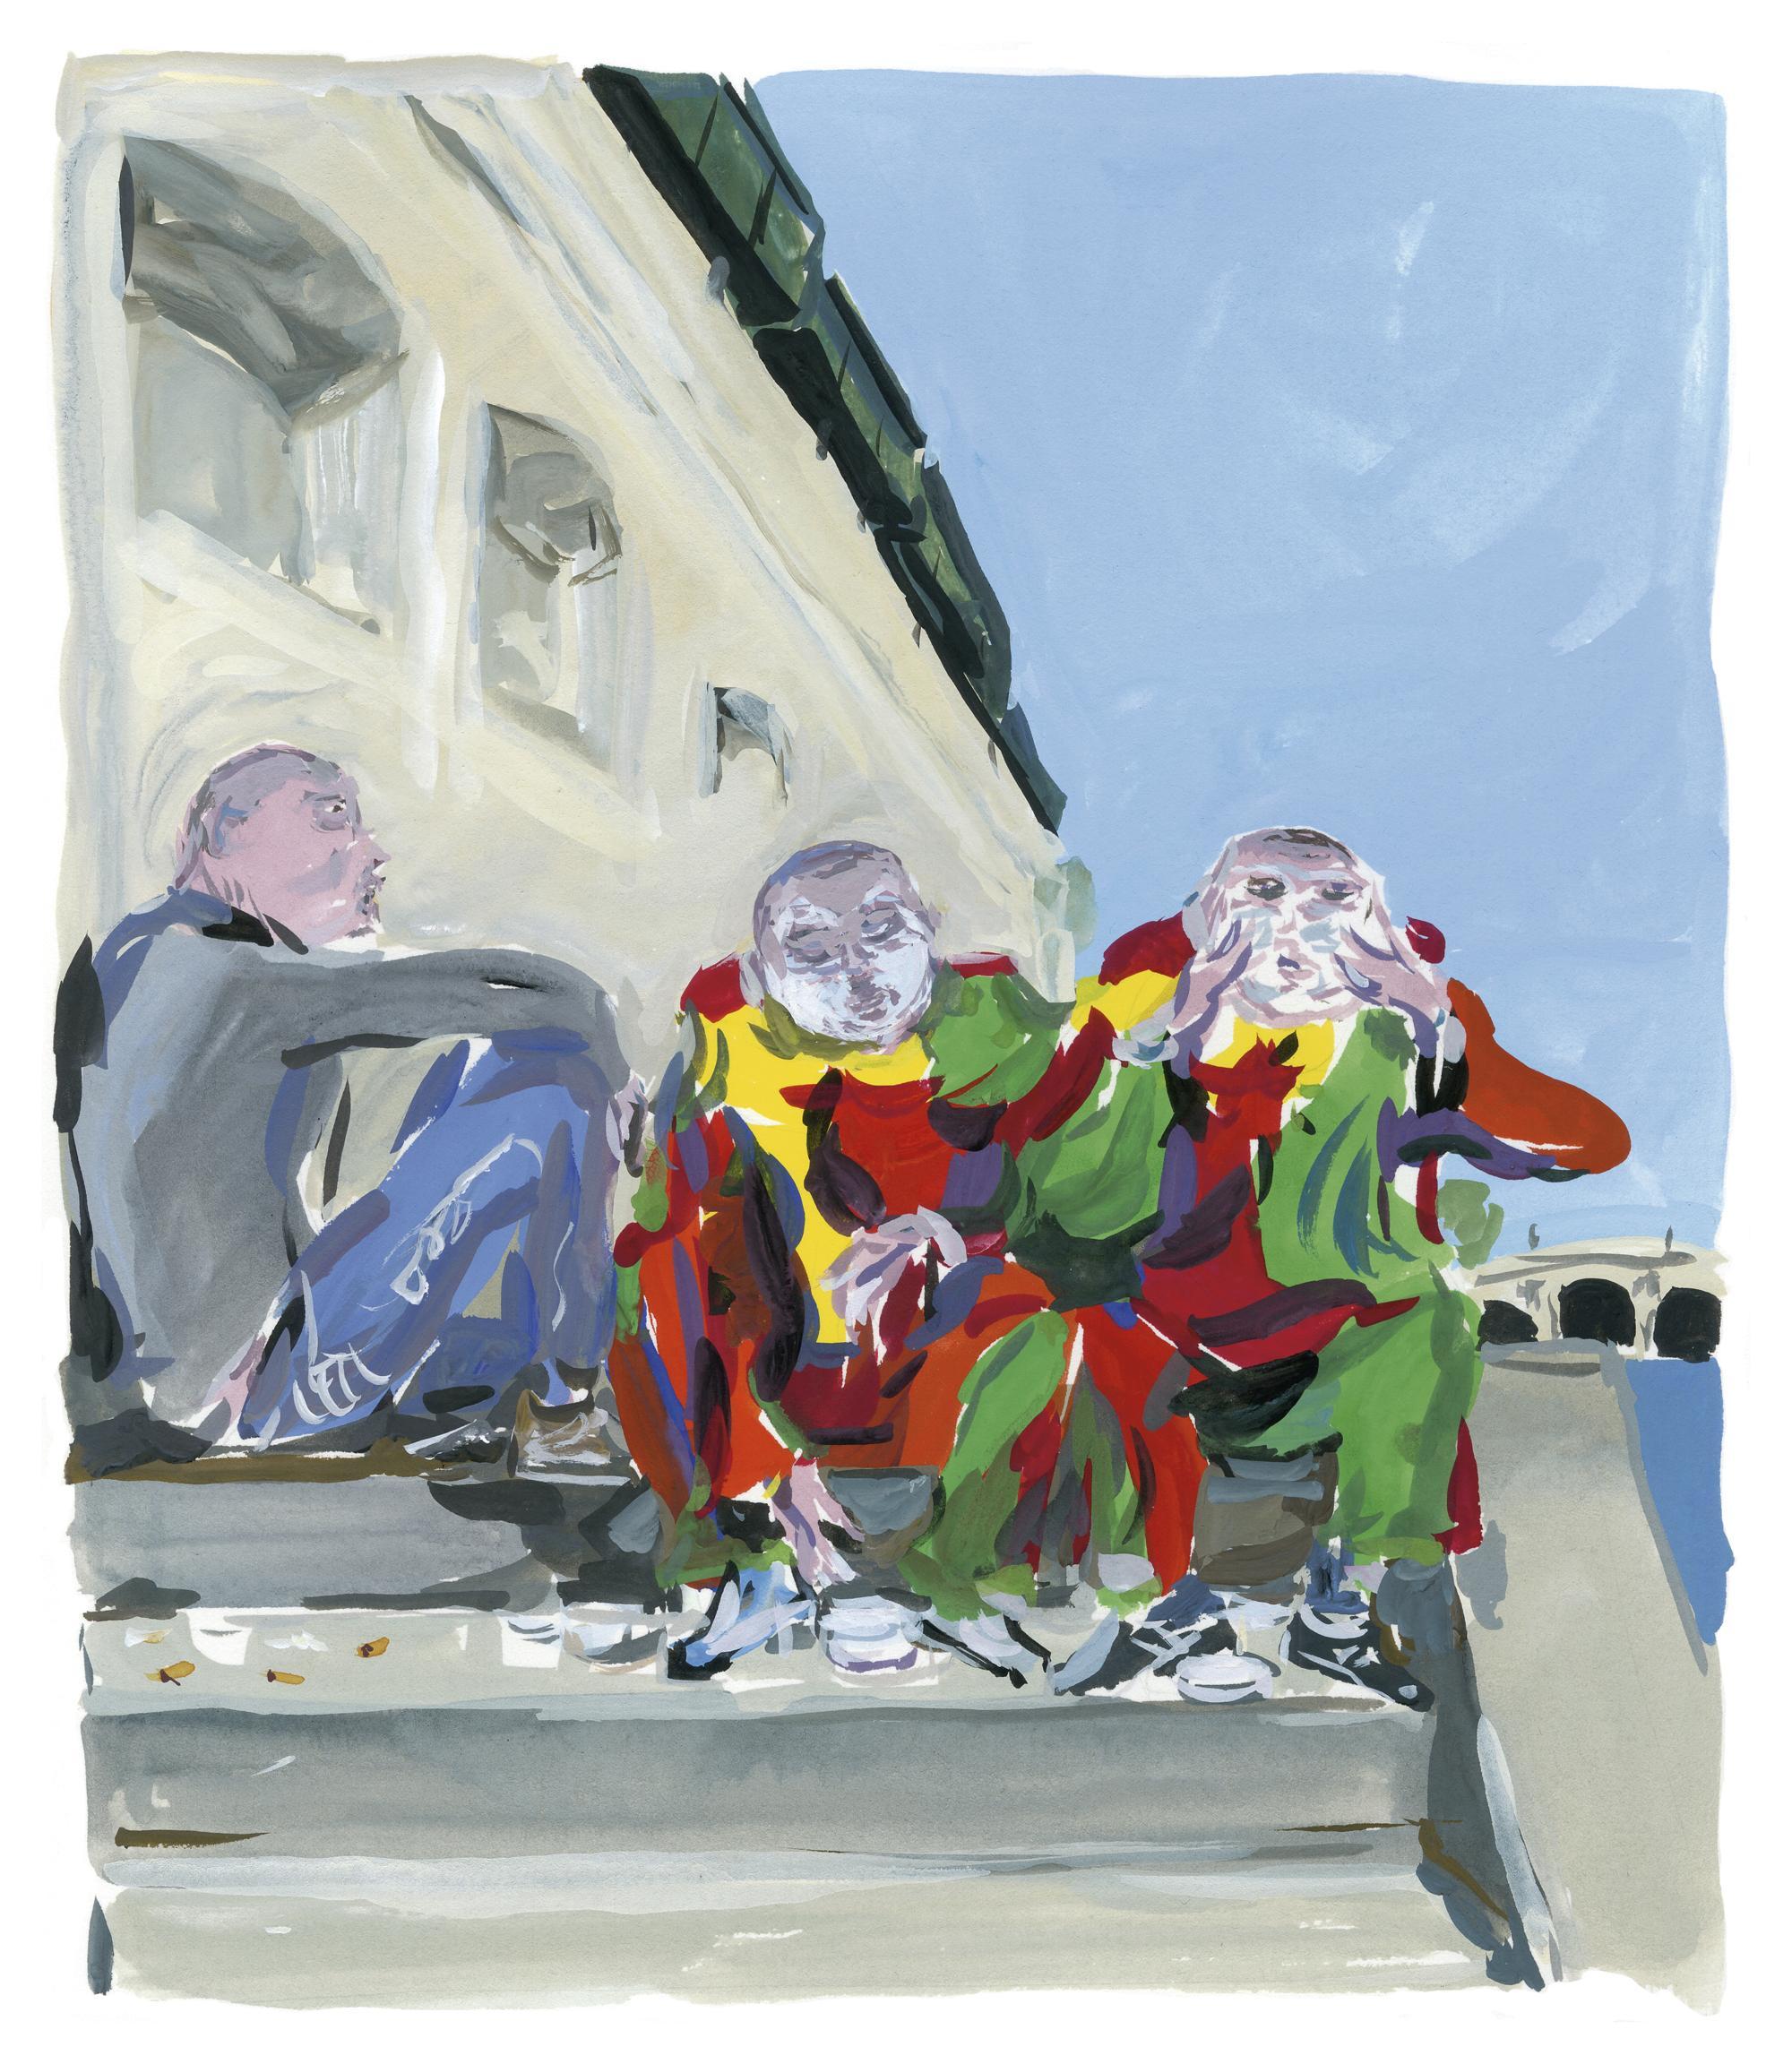 Pariser Tagebuch: Clowns